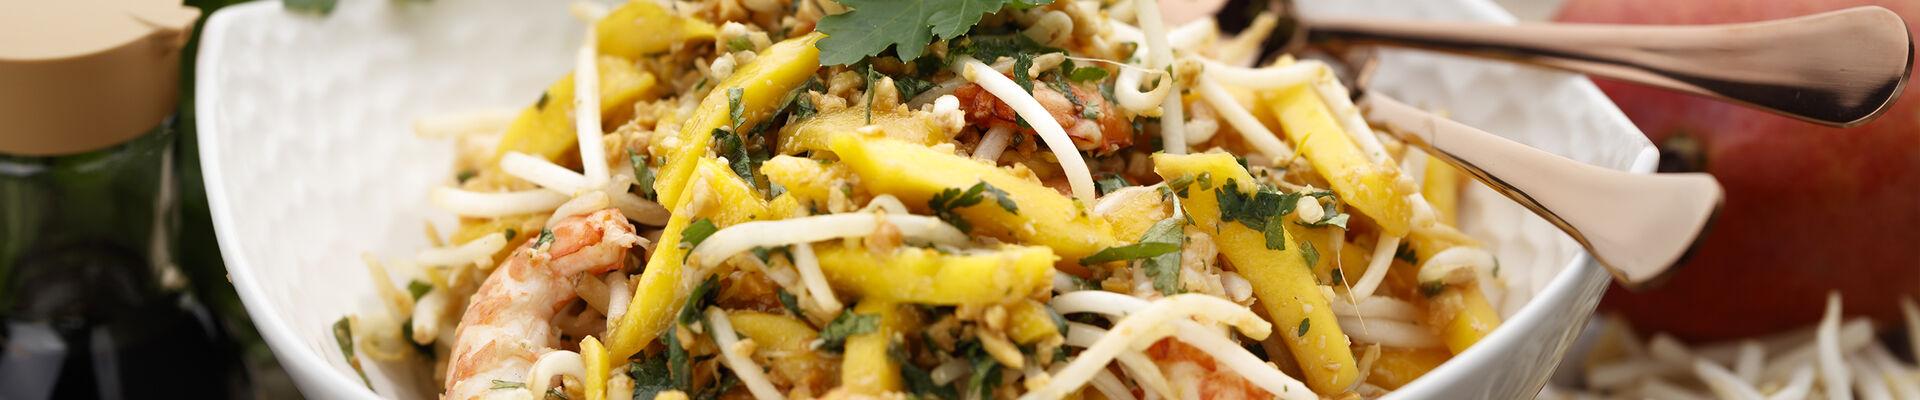 Pousses de soja crevettes mangue